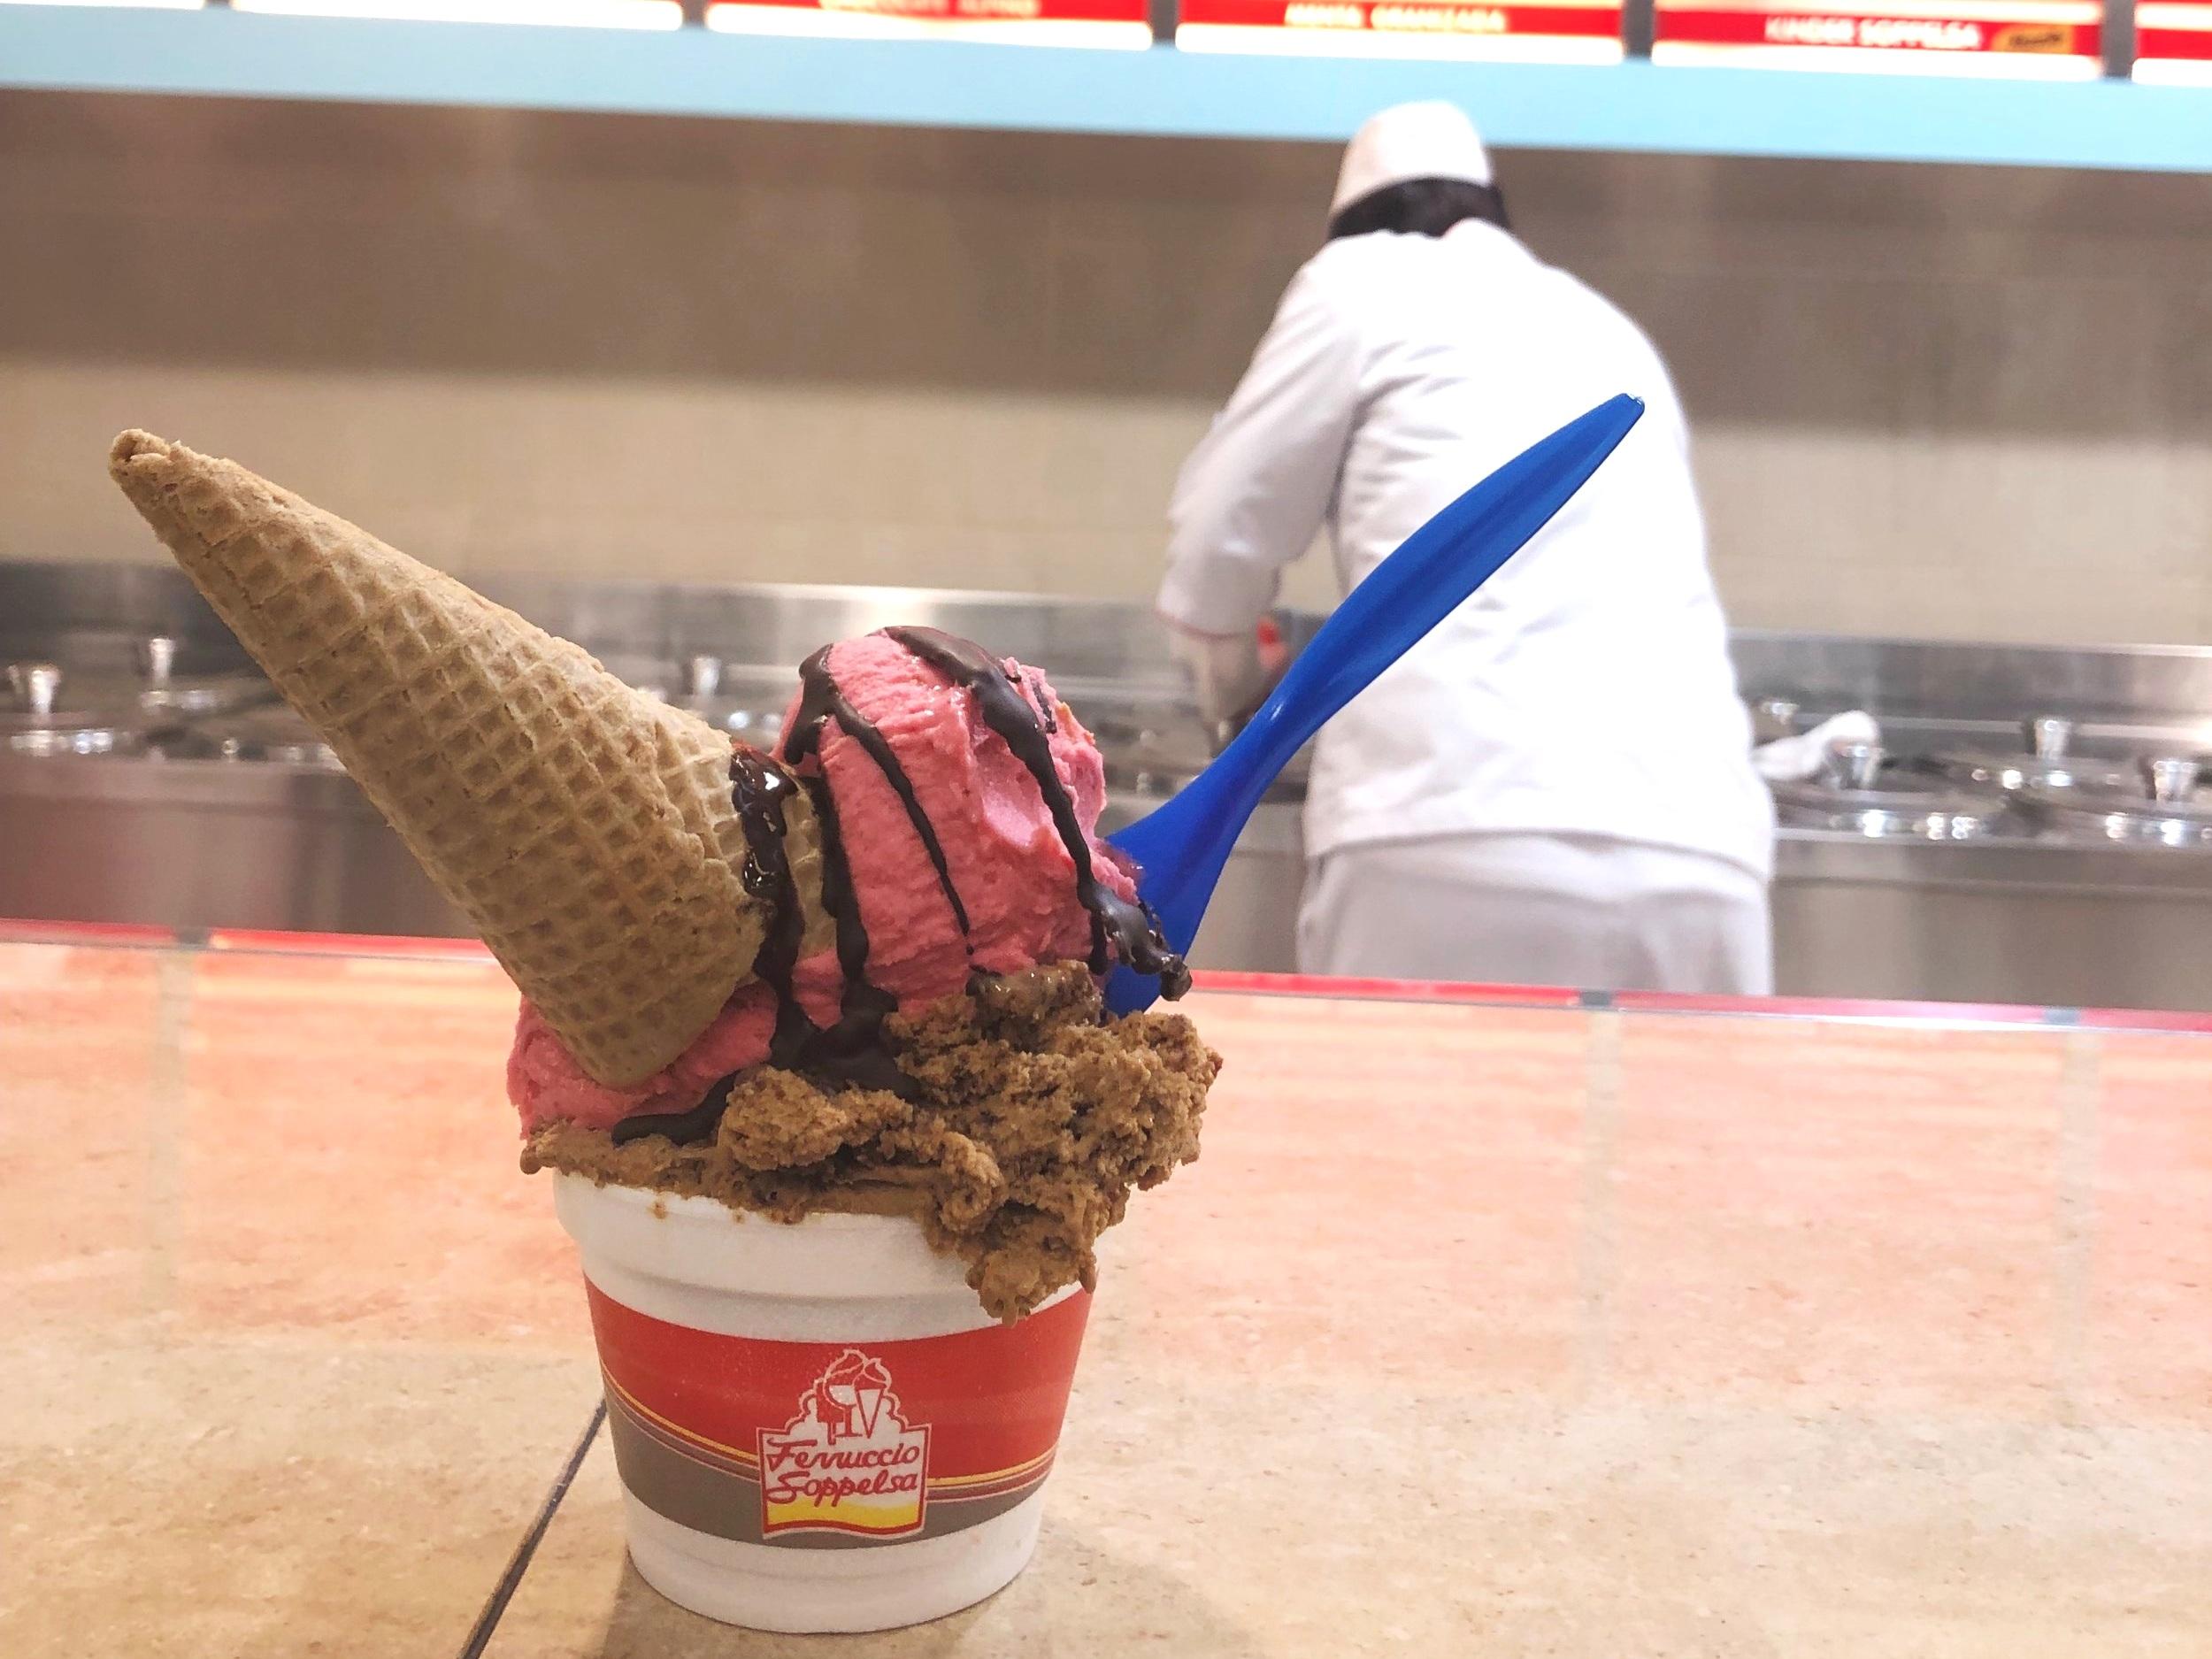 Ice cream from Ferruccio Soppelsa, Mendoza